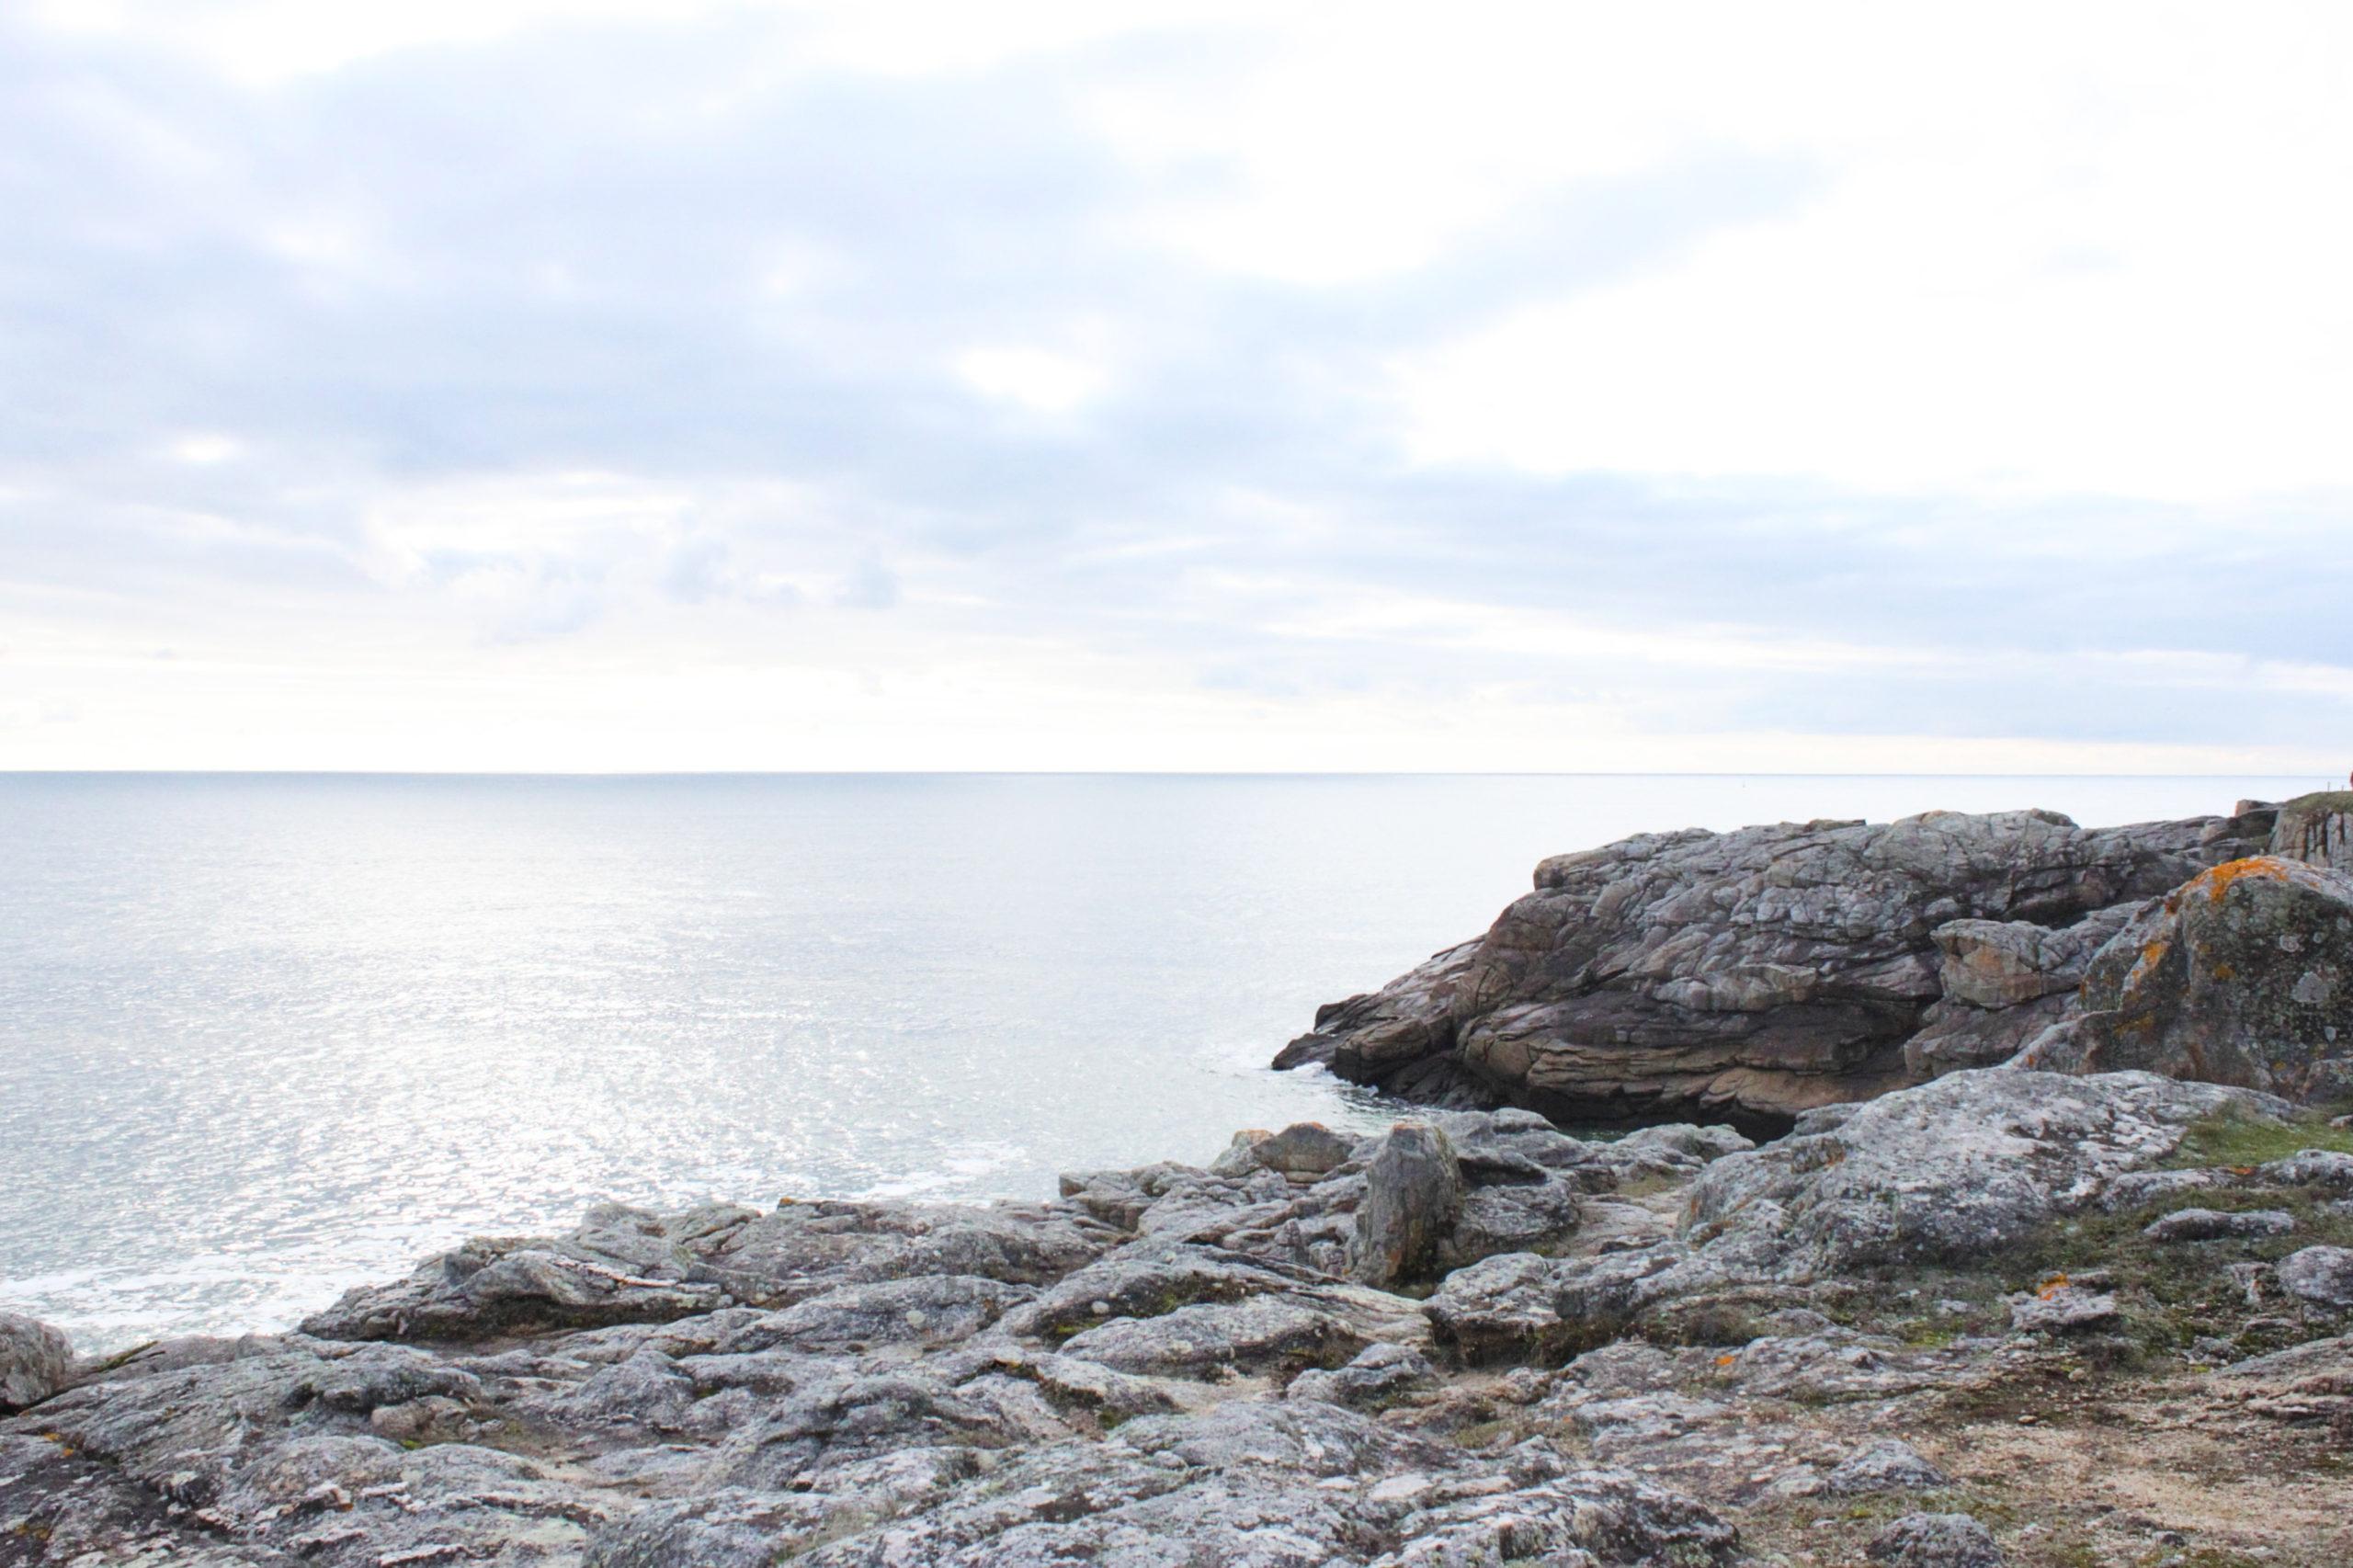 Découvrir la presqu'île guérandaise : Batz-sur-mer, son centre-ville et son sentier côtier